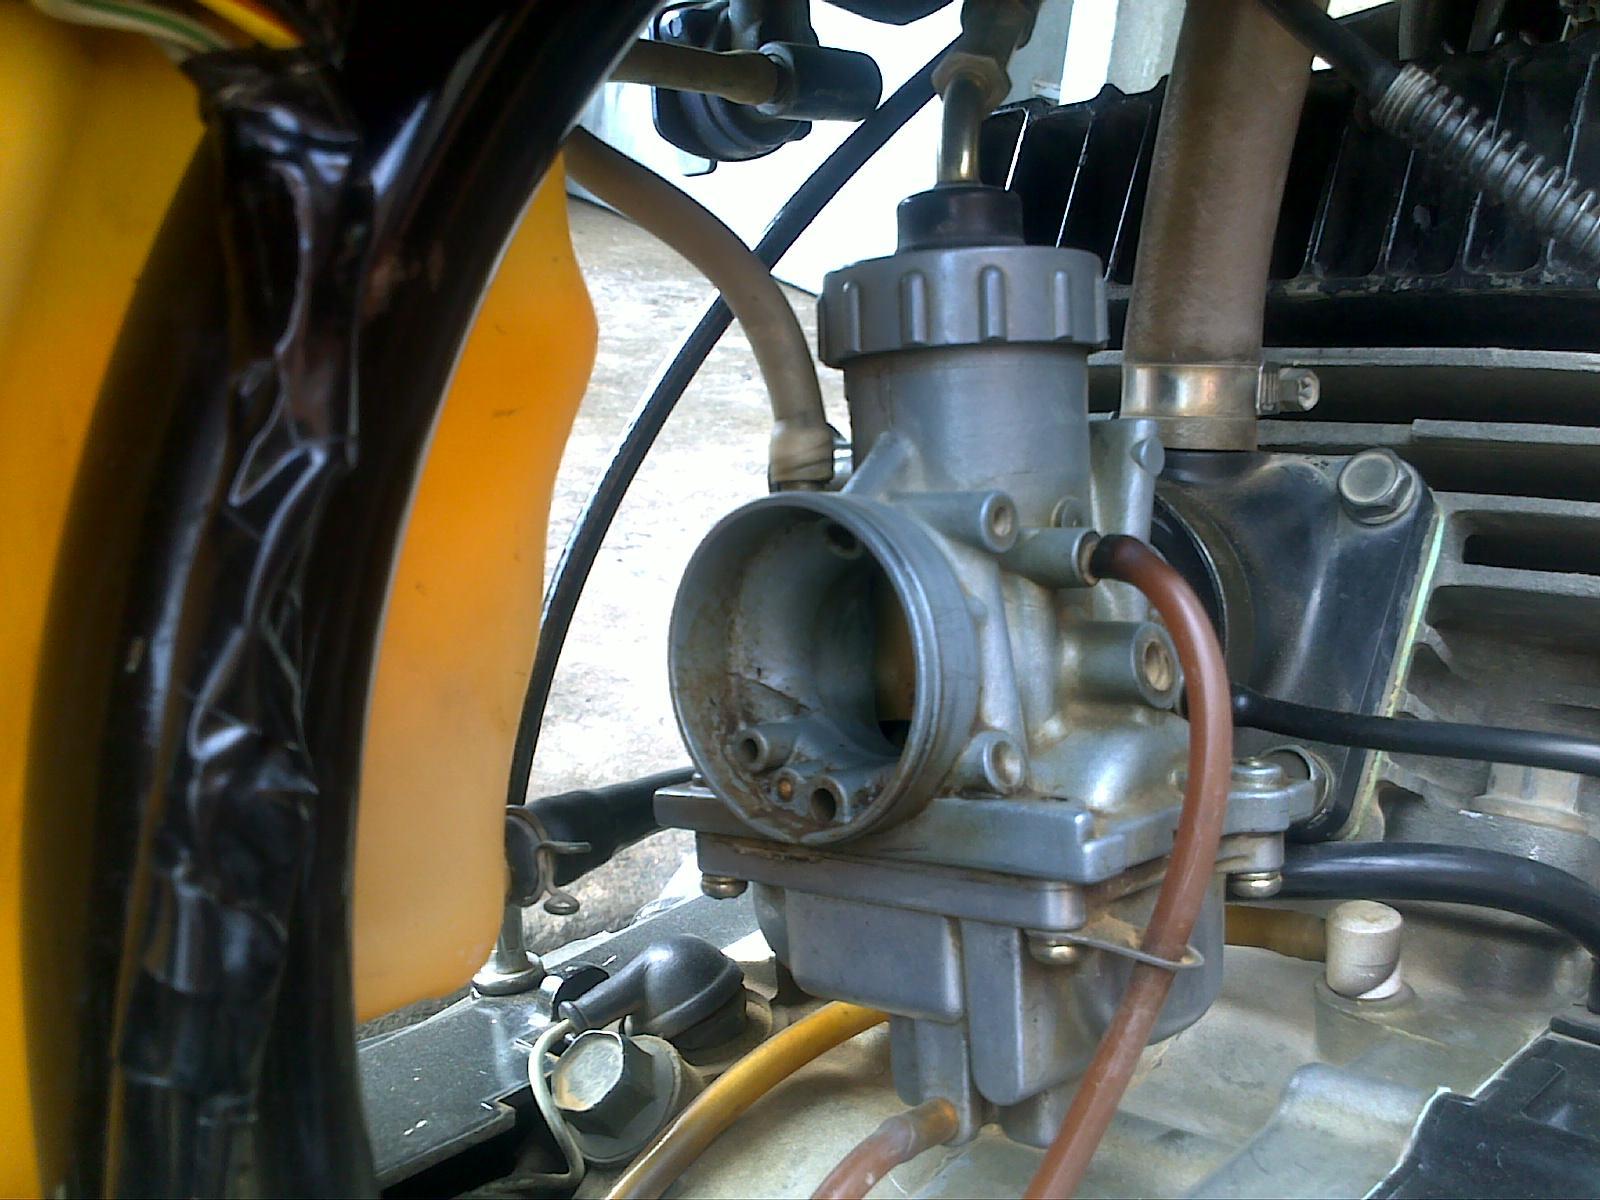 penyebab utama motor rx king sering mati mendadak - informasi umum